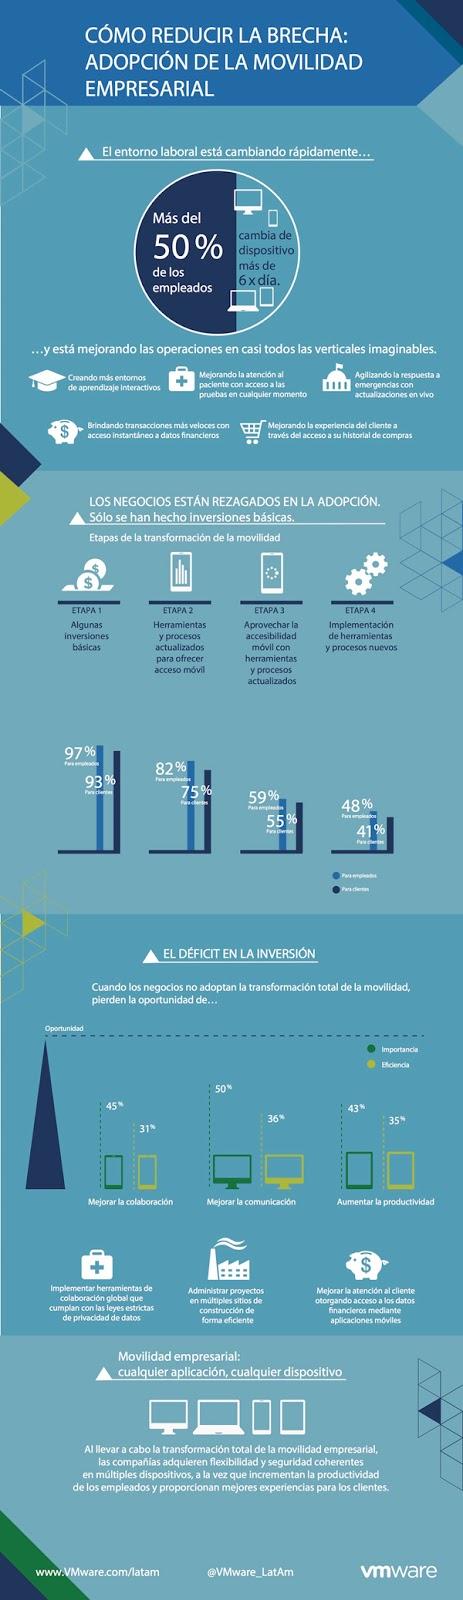 vmware_como-reducir-la-brecha-de-la-adopcion-de-la-movilidad-empresarial